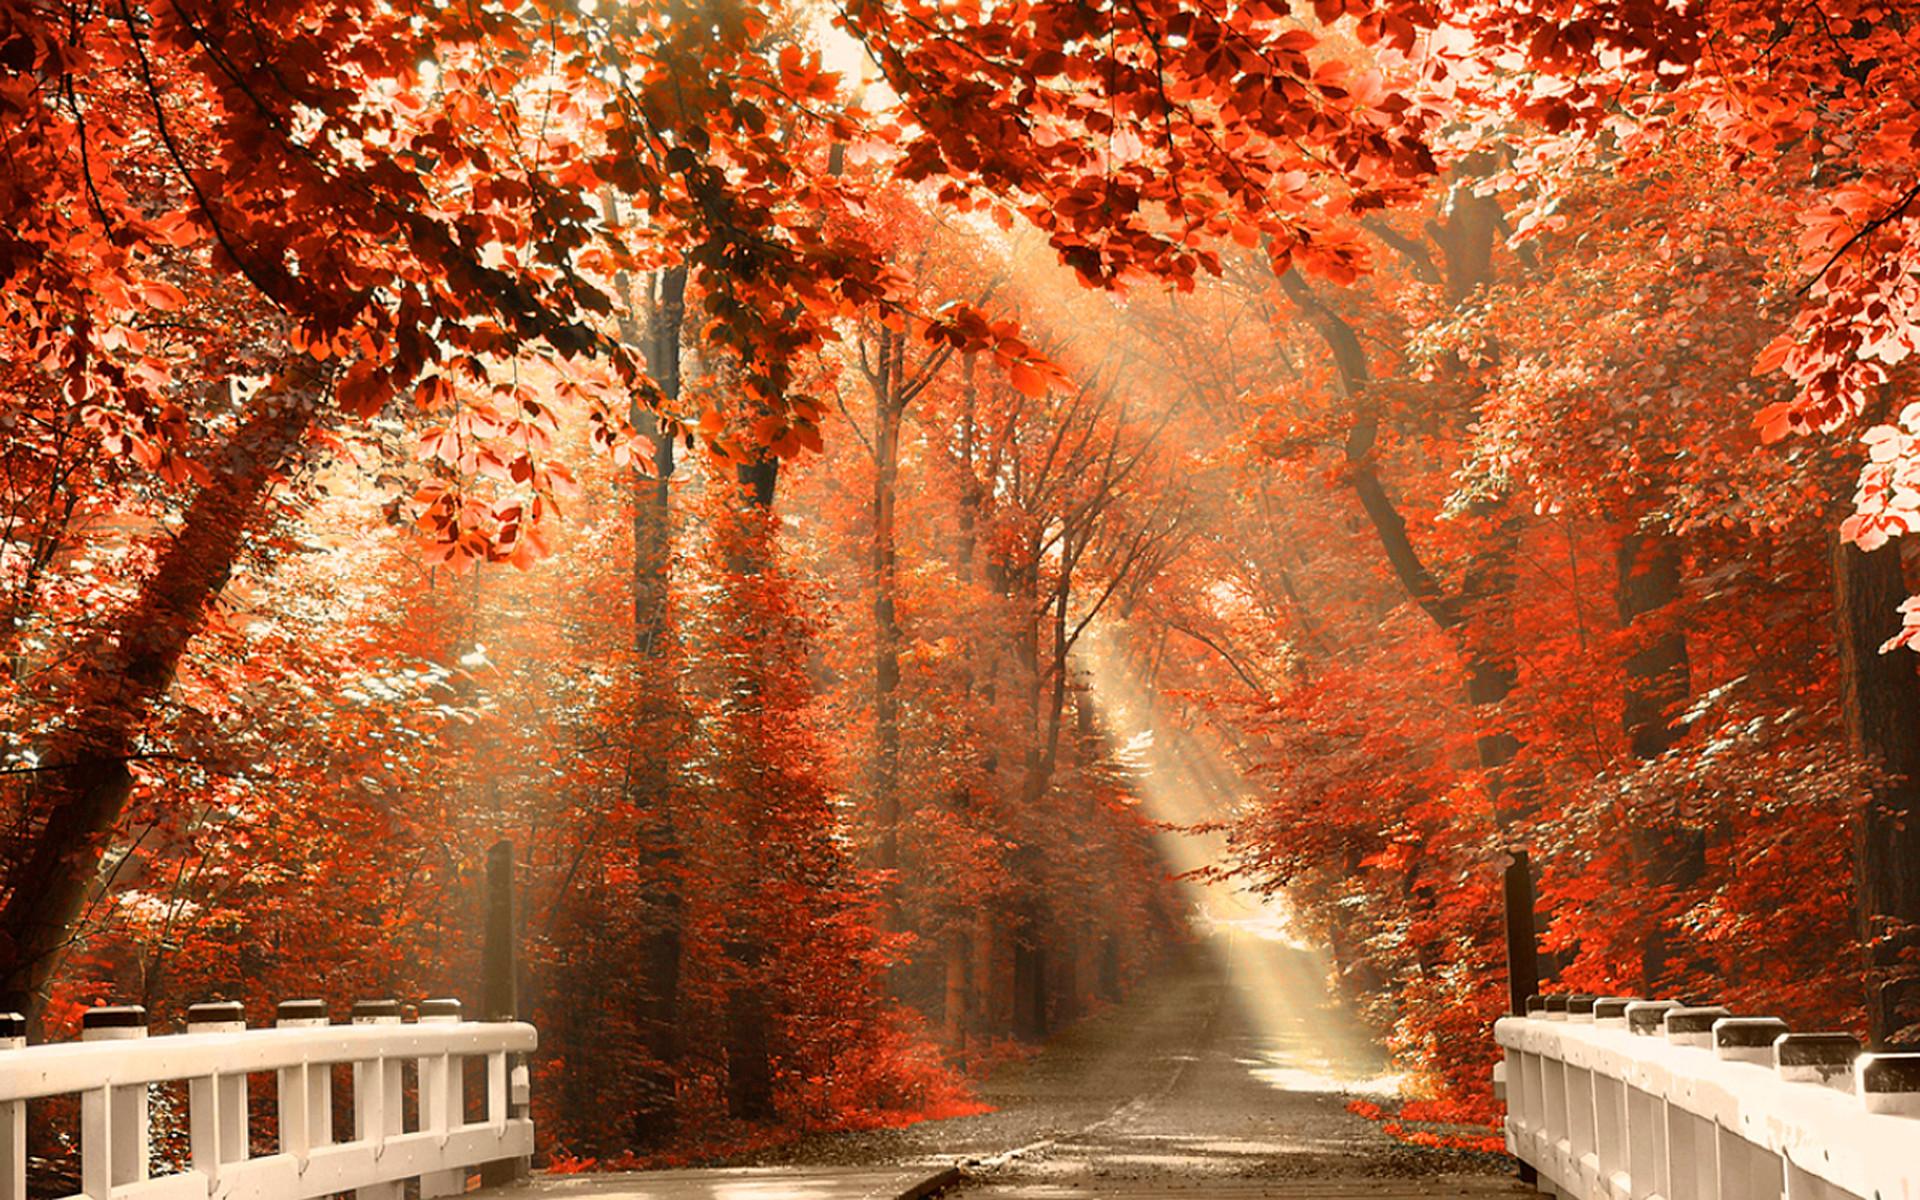 Autumn Nature Desktop Backgrounds   wallpaper, wallpaper hd .